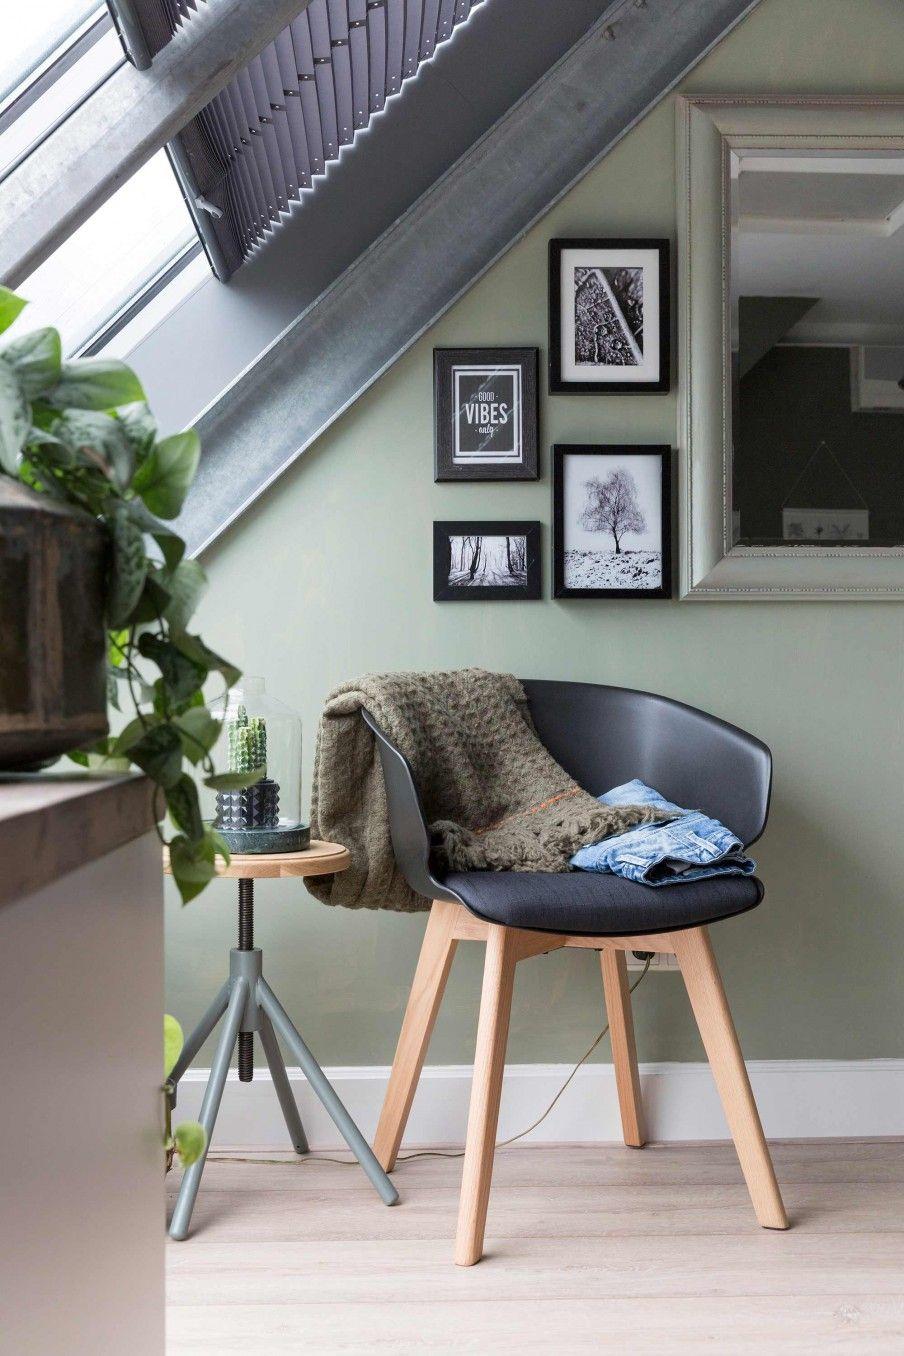 Groene slaapkamer met zwarte stoel  Green bedroom with